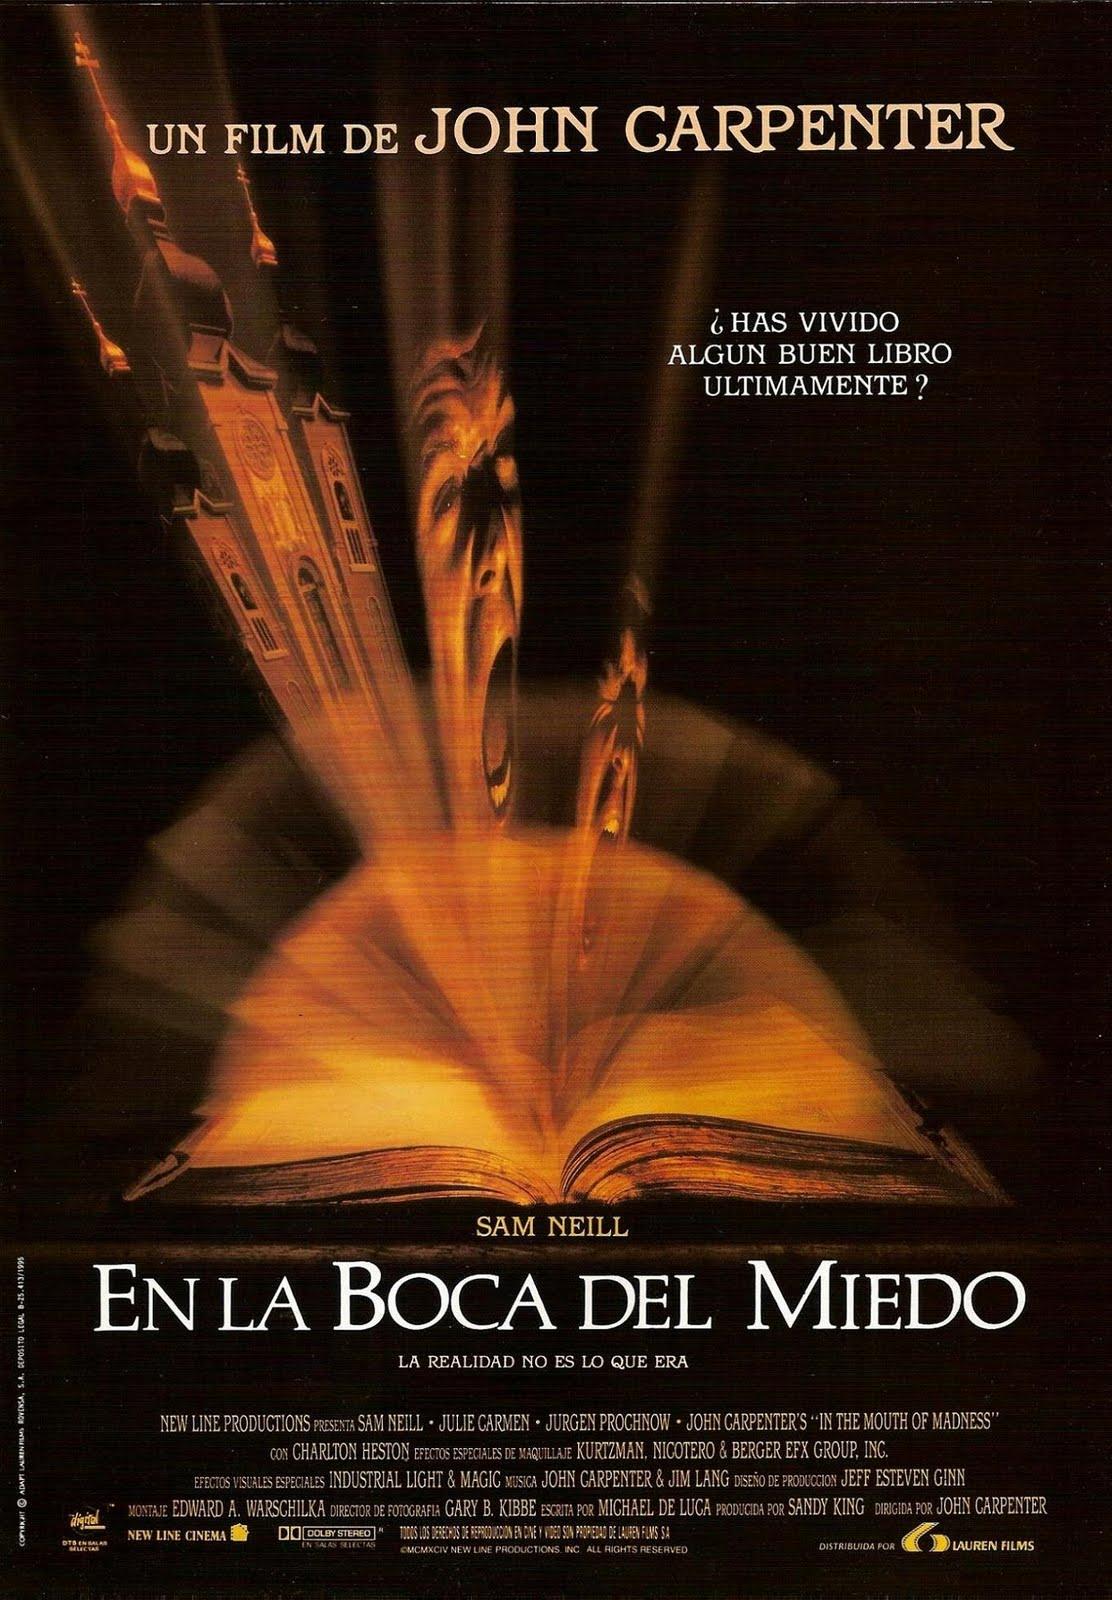 Pelis Halloween 2017 - Página 2 1994_-__En_la_boca_del_miedo_%2528John_Carpenter%2529_esp_